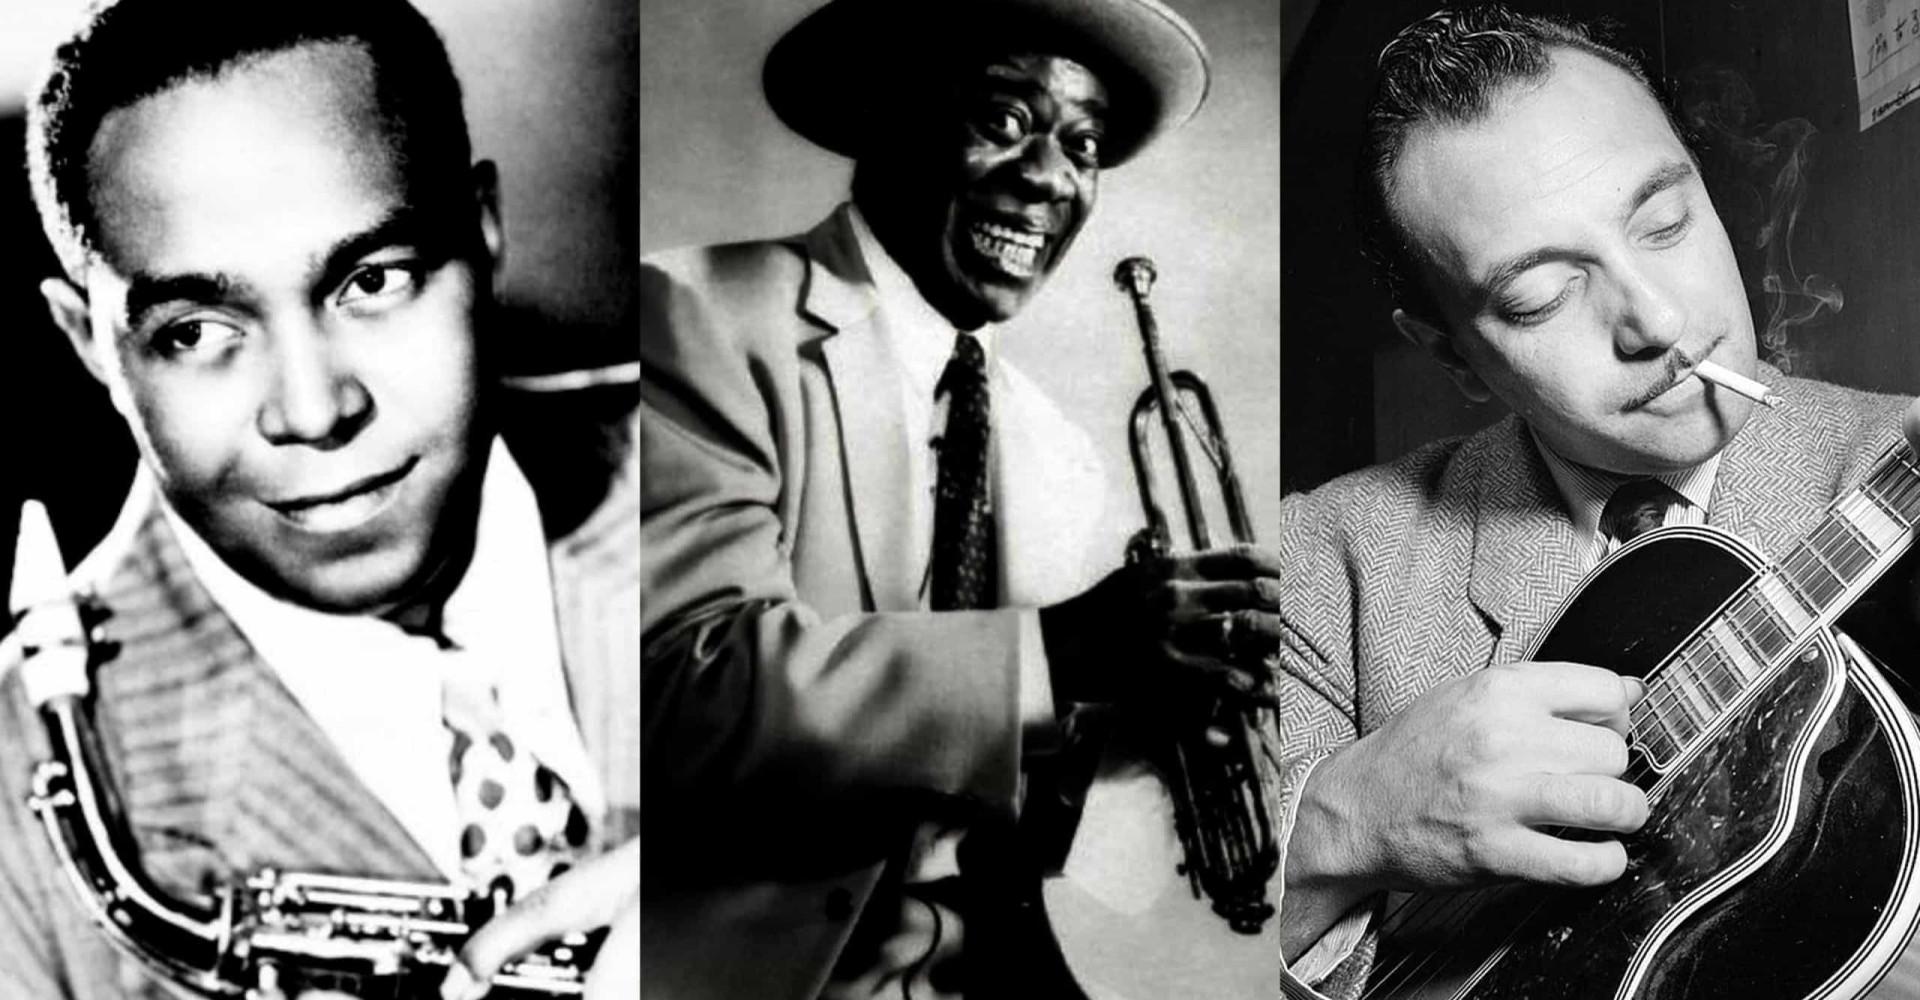 Chi sono gli artisti jazz più influenti di tutti i tempi?